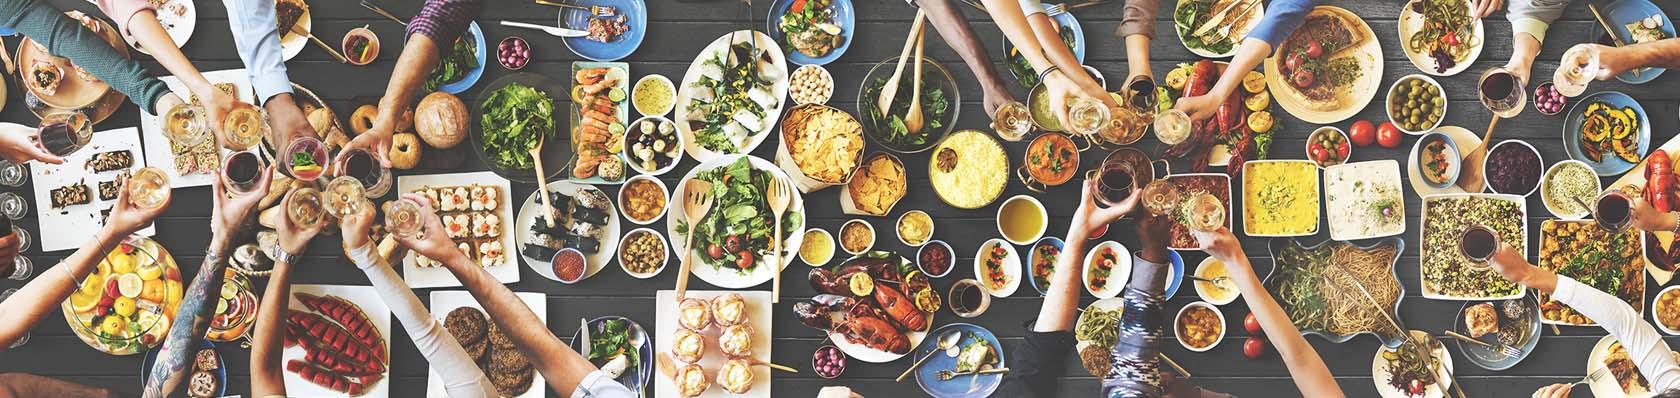 Produkte aus der Kategorie Essen & Trinken im Test auf ExpertenTesten.de